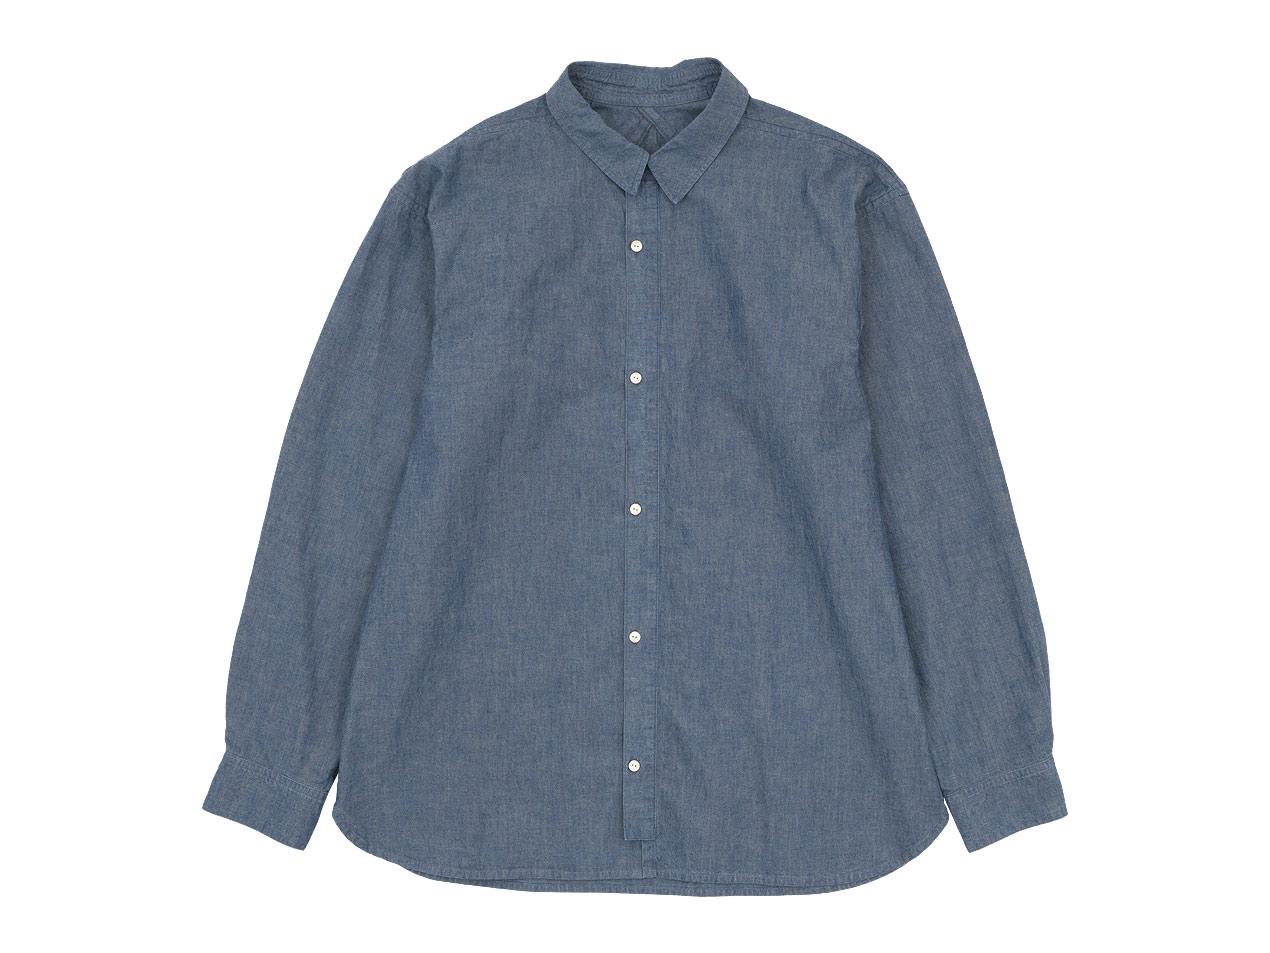 POSTALCO Free Arm Shirt